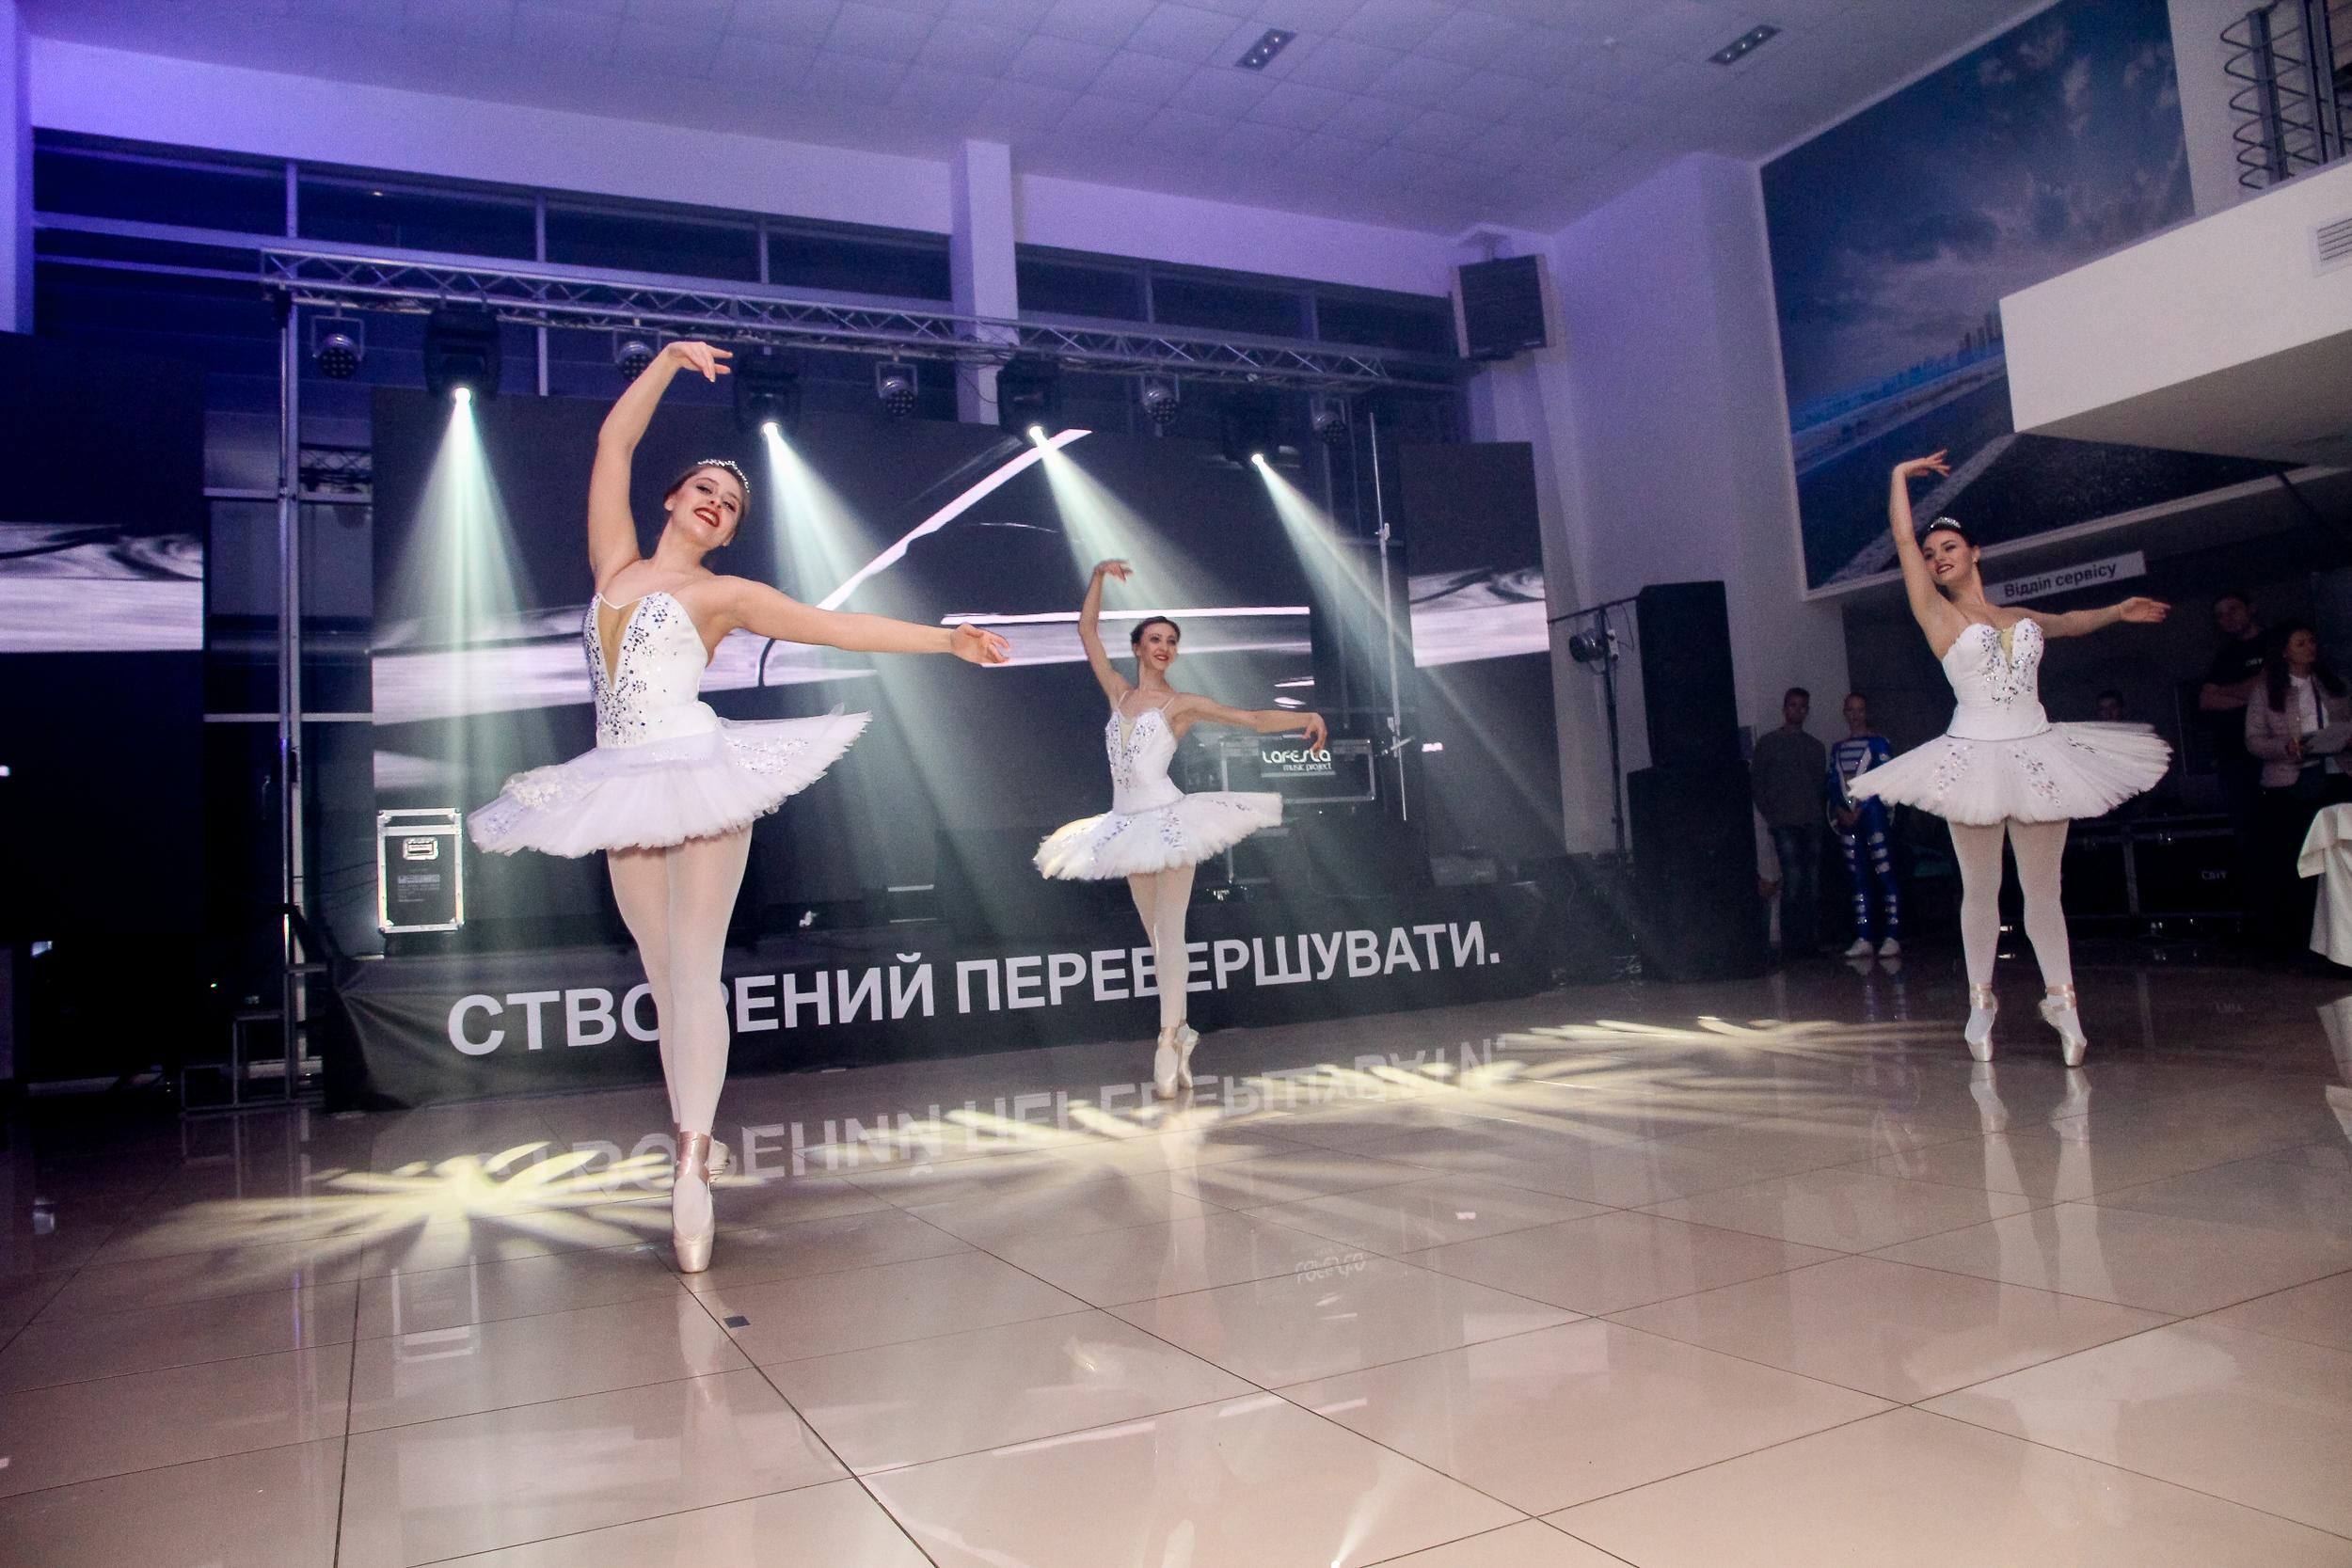 Балетный коллектив на презентации BMW Бихеппи Николаев